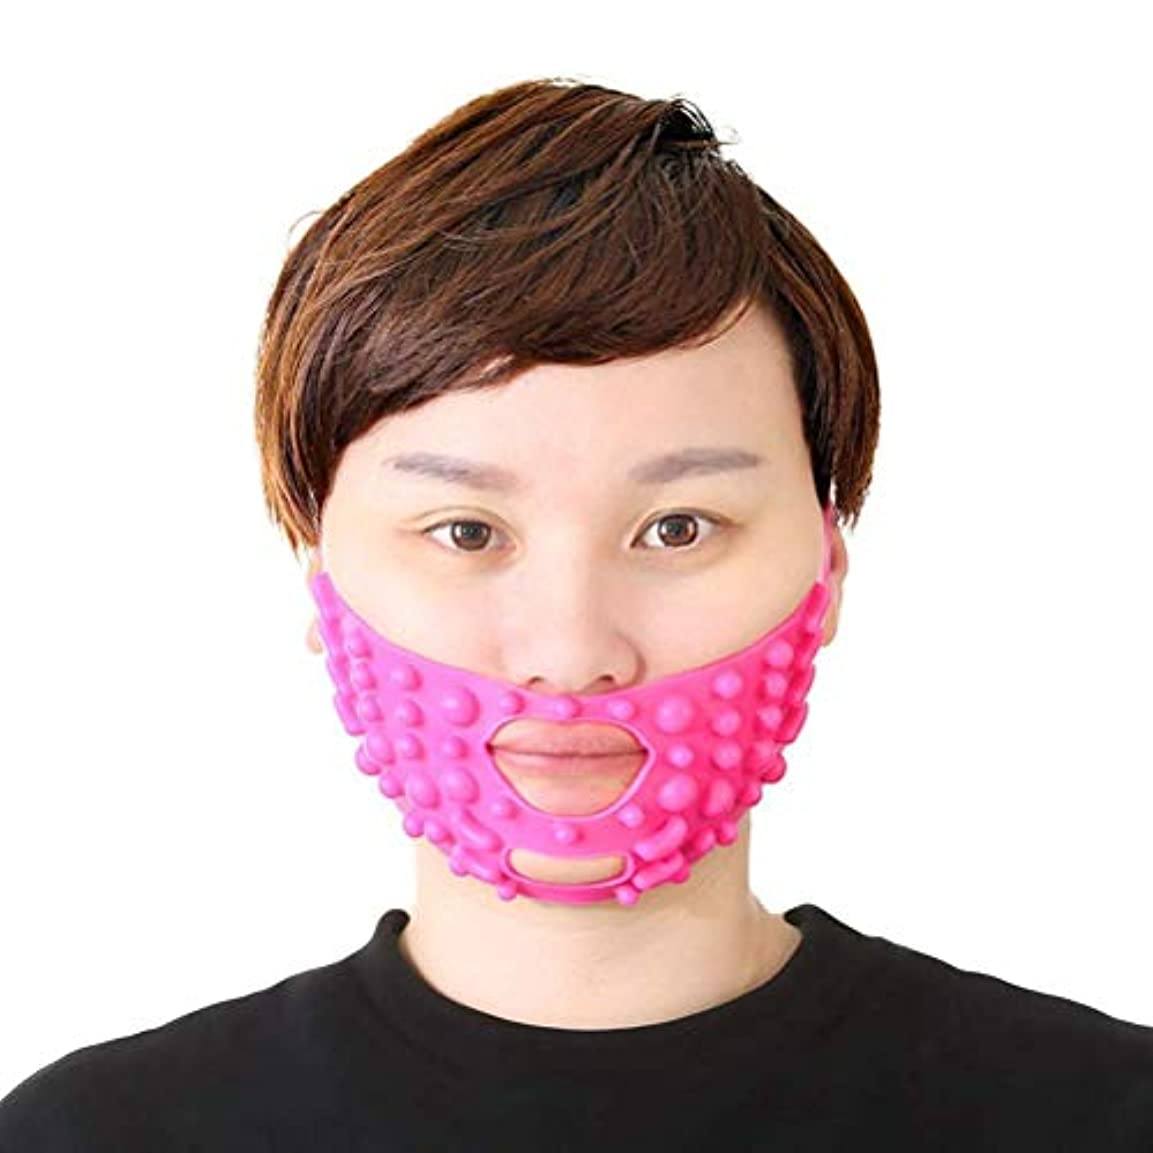 専門化する最大限四回二重あごベルト、薄いフェイスマスク包帯、頬スリムVフェイスベルト、痩身包帯通気性ストレッチ